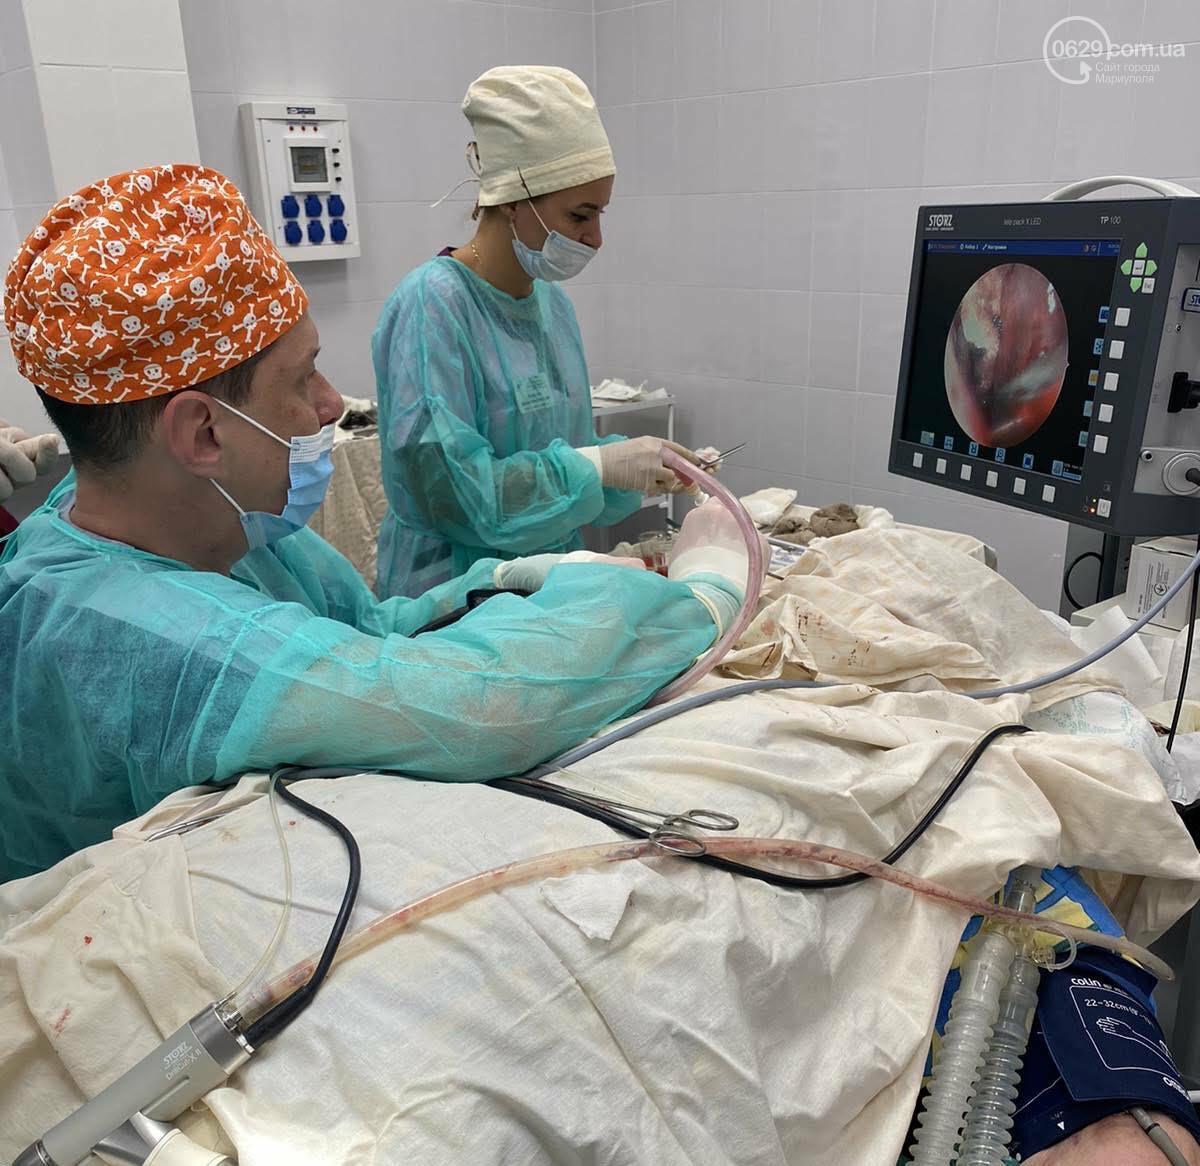 Уникальная хирургия. В Мариуполе делают операции, недоступные даже в областных центрах, - ФОТО, фото-5